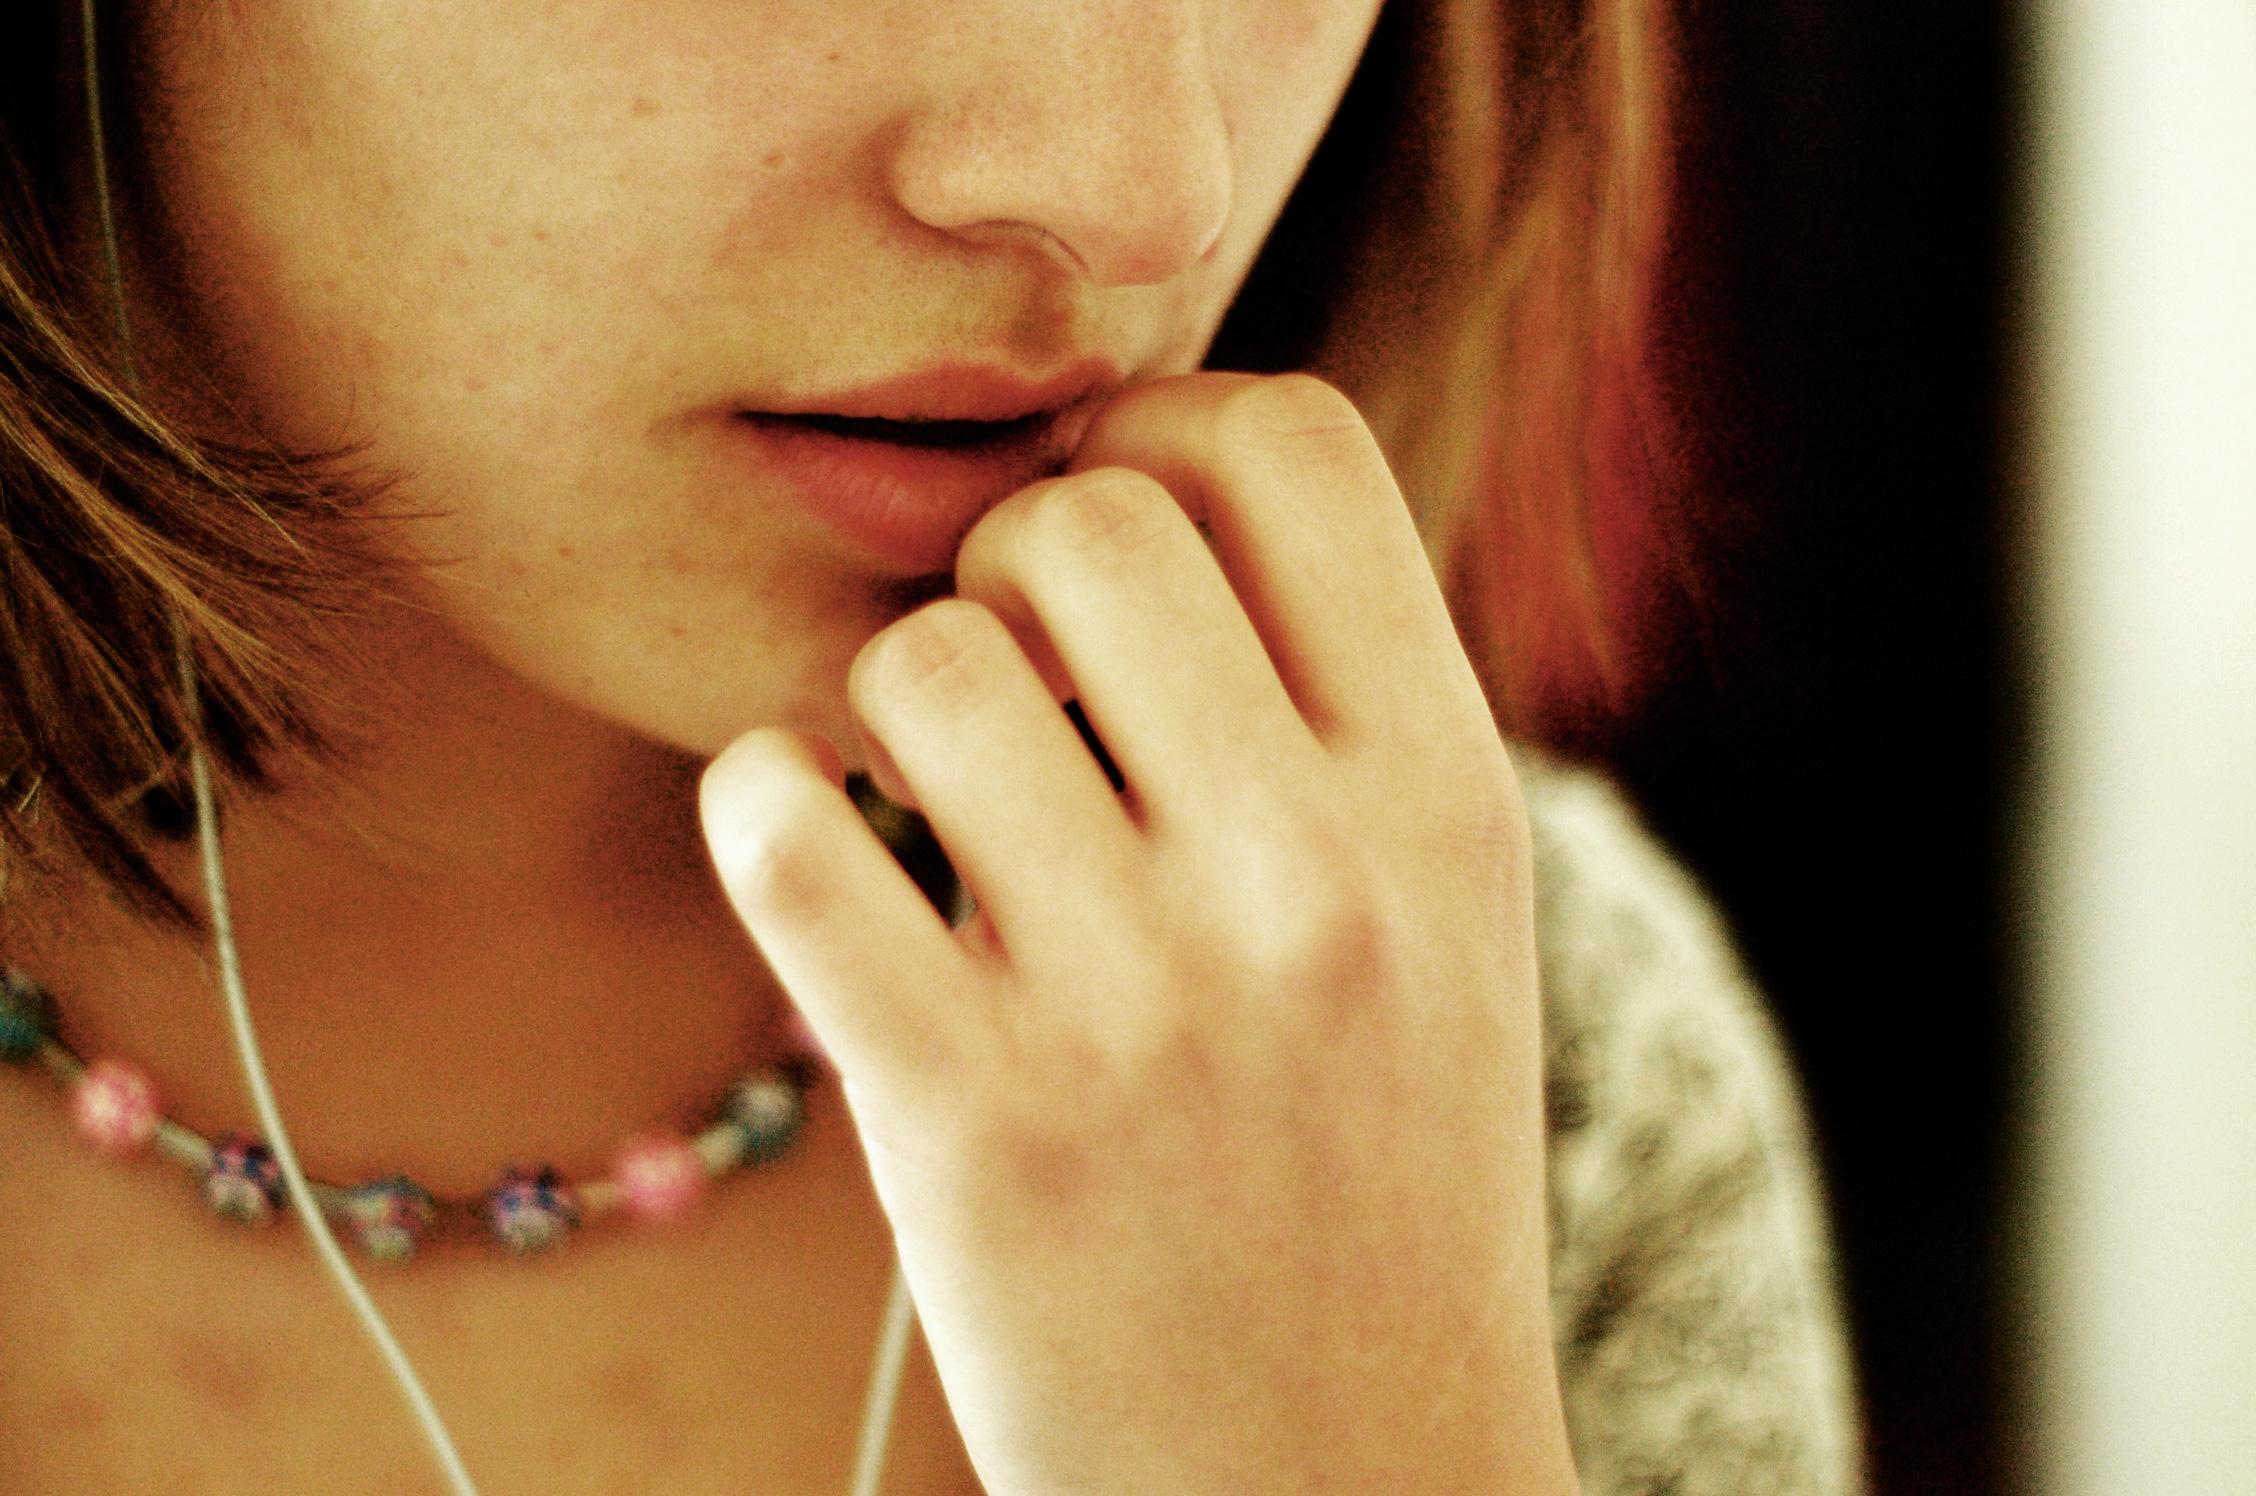 ホルモンの影響で毛深い女性に!?ムダ毛とホルモンの関係とは!のサムネイル画像